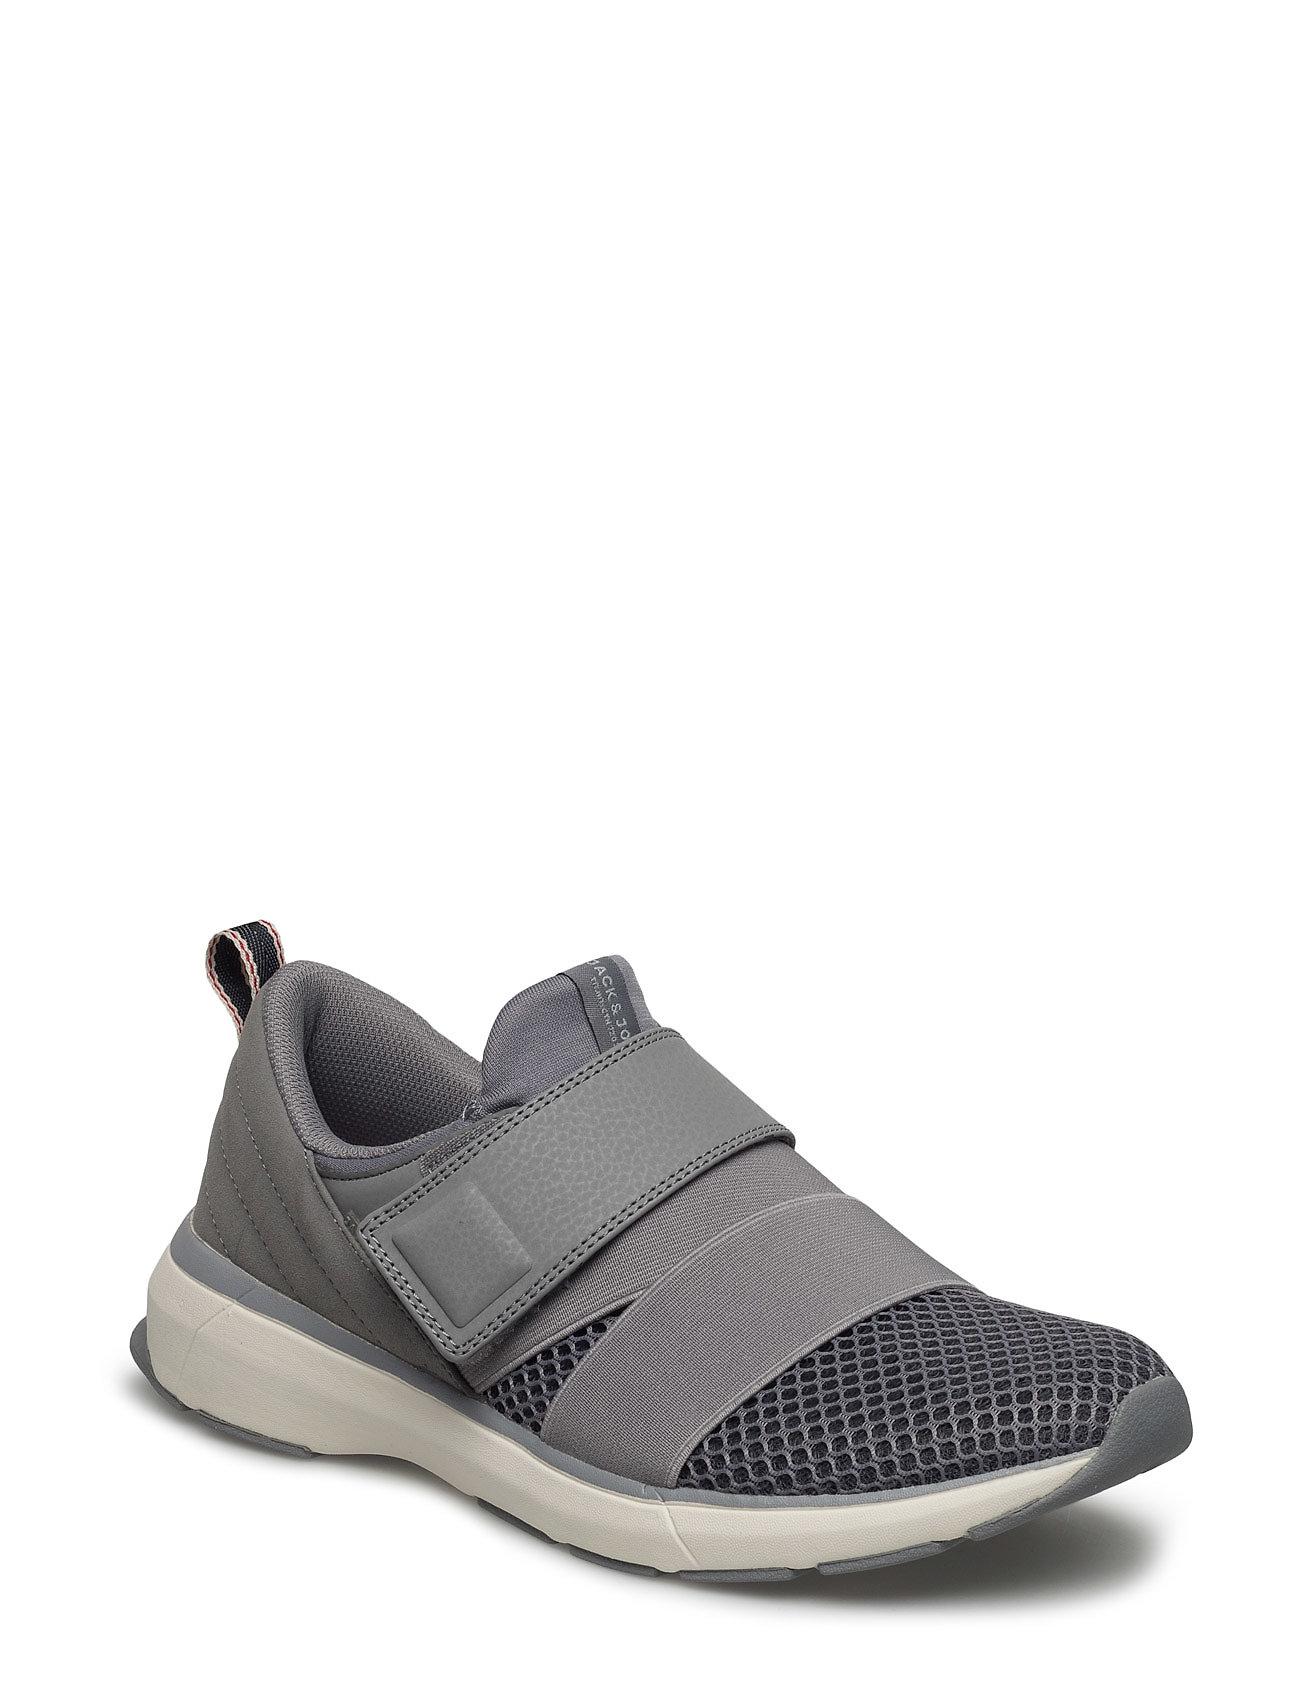 Jfwarton Strap Frost Grey Jack & Jones Sneakers til Herrer i Frost grå